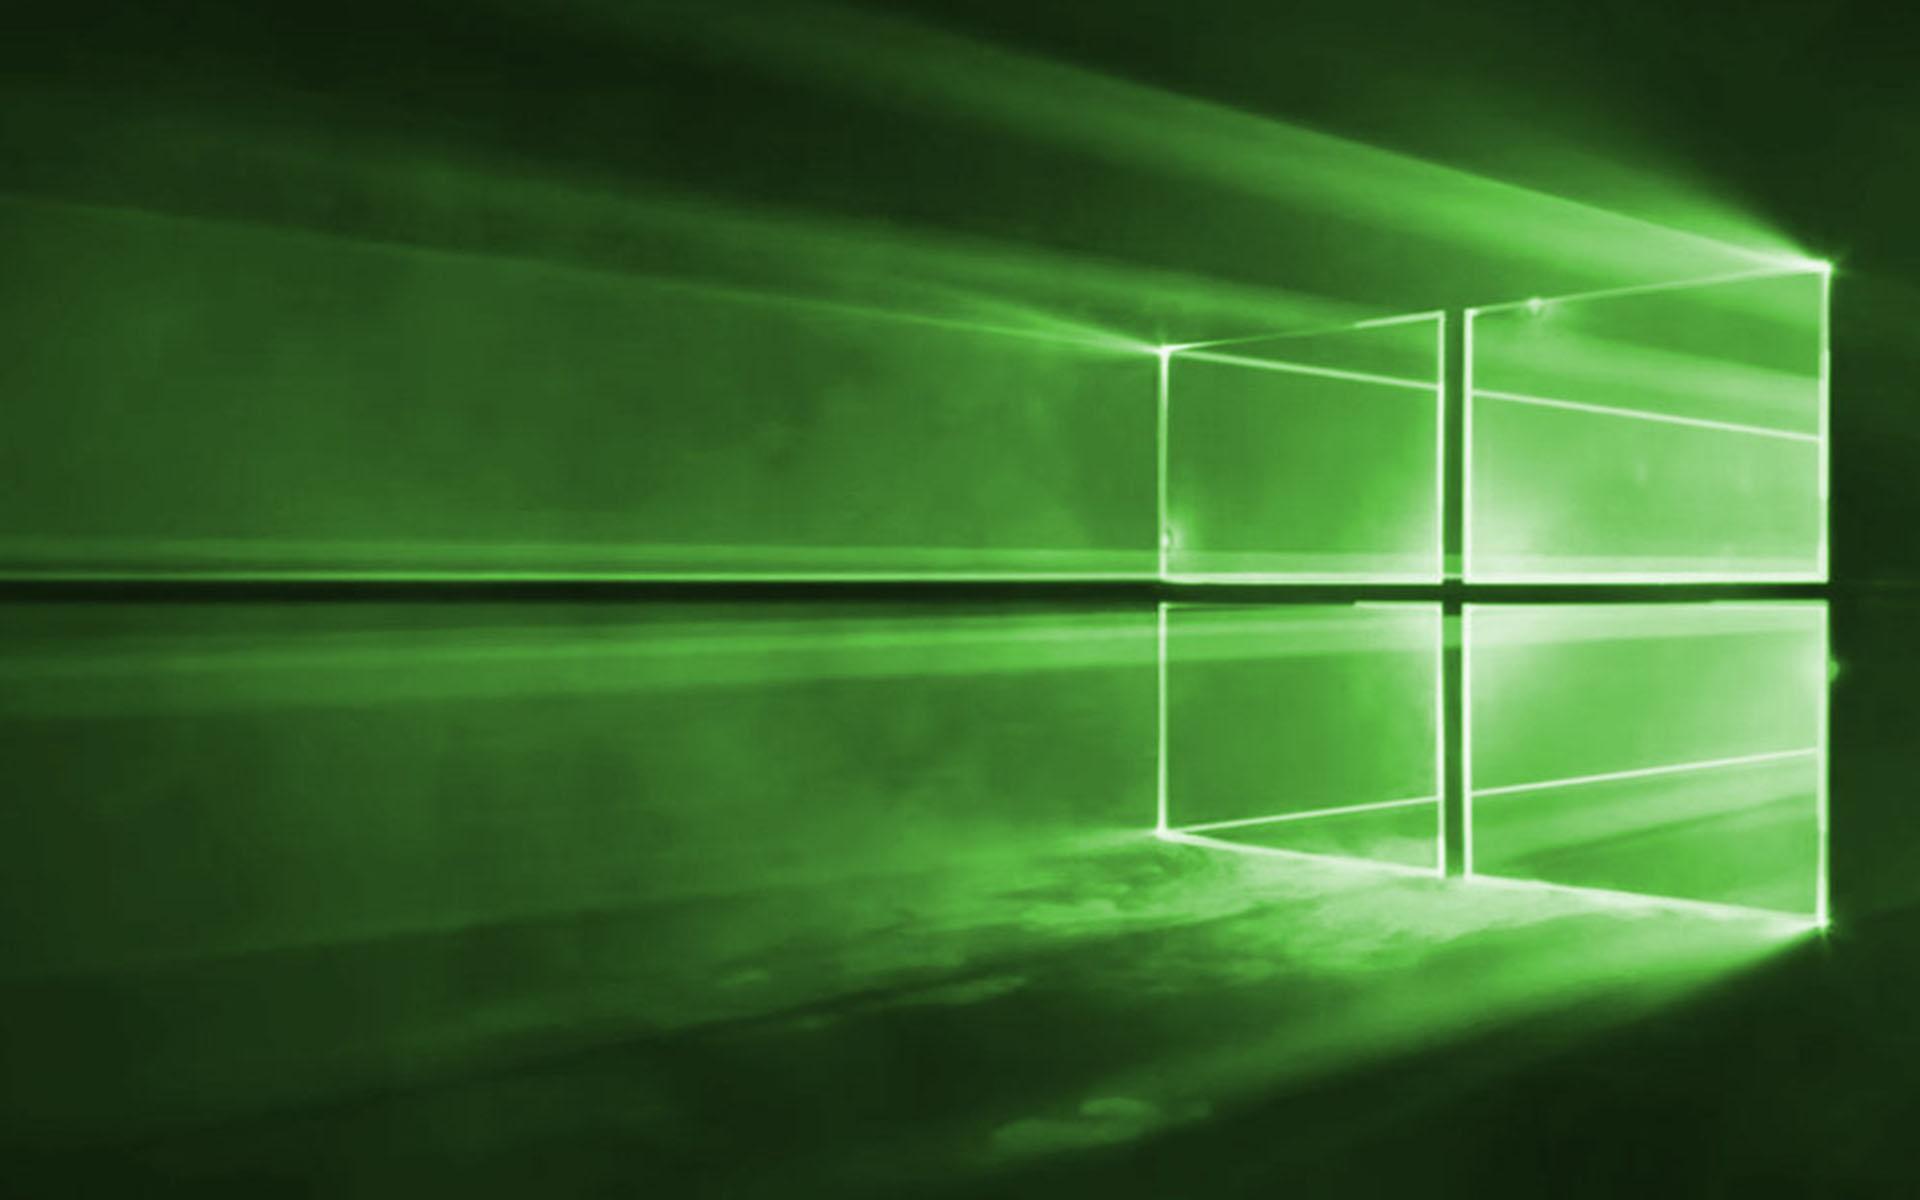 Windows 10 Wallpaper Green - HD Wallpaper